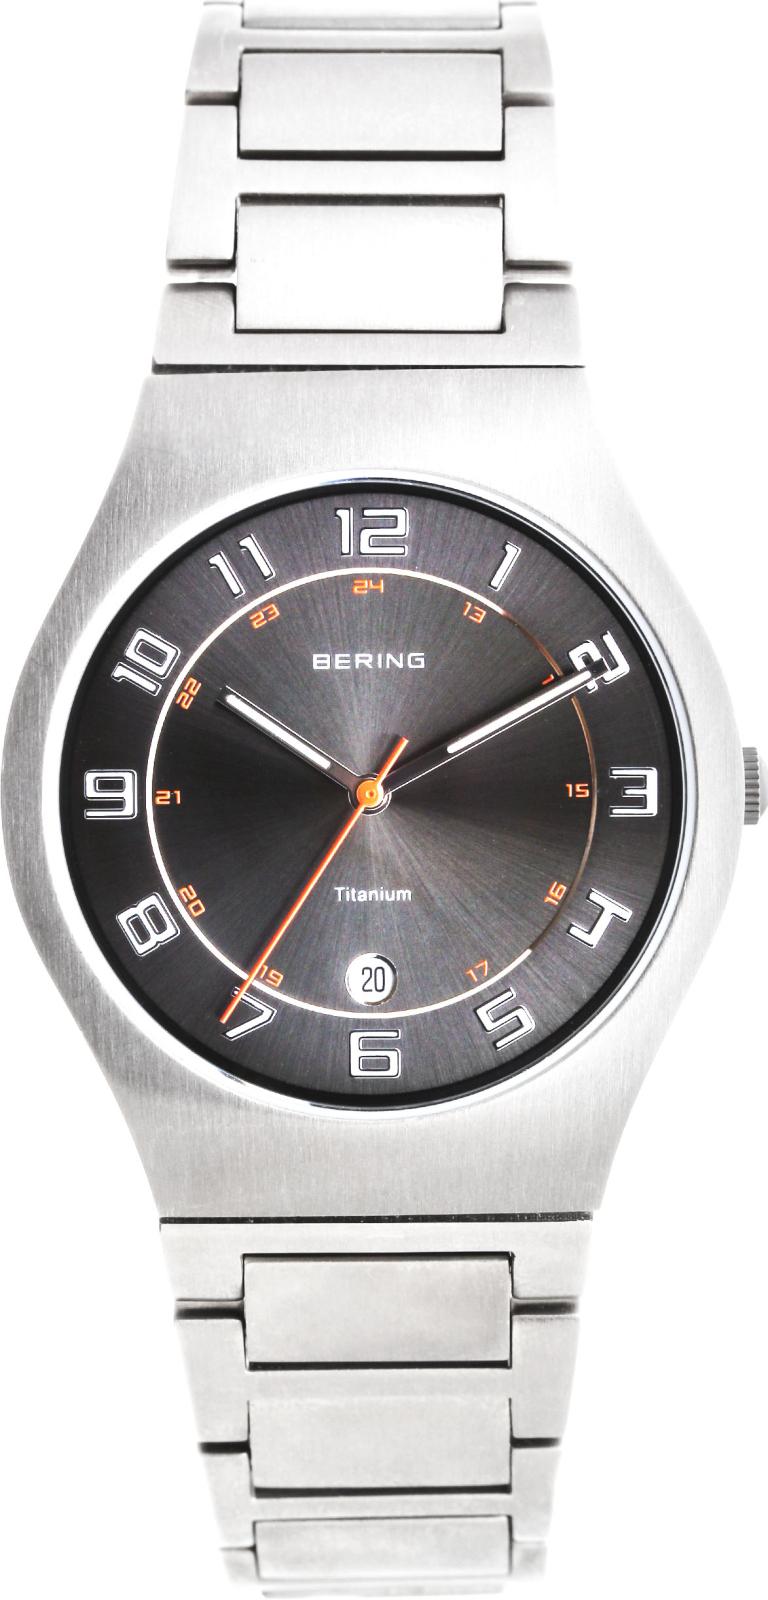 Bering Titanium 11937-707Наручные часы<br>Датские часы Bering Titanium 11937-707<br><br>Пол: Мужские<br>Страна-производитель: Дания<br>Механизм: Кварцевый<br>Материал корпуса: Титан<br>Материал ремня/браслета: Сталь<br>Водозащита, диапазон: 20 - 100 м<br>Стекло: Сапфировое<br>Толщина корпуса: None<br>Стиль: Классика